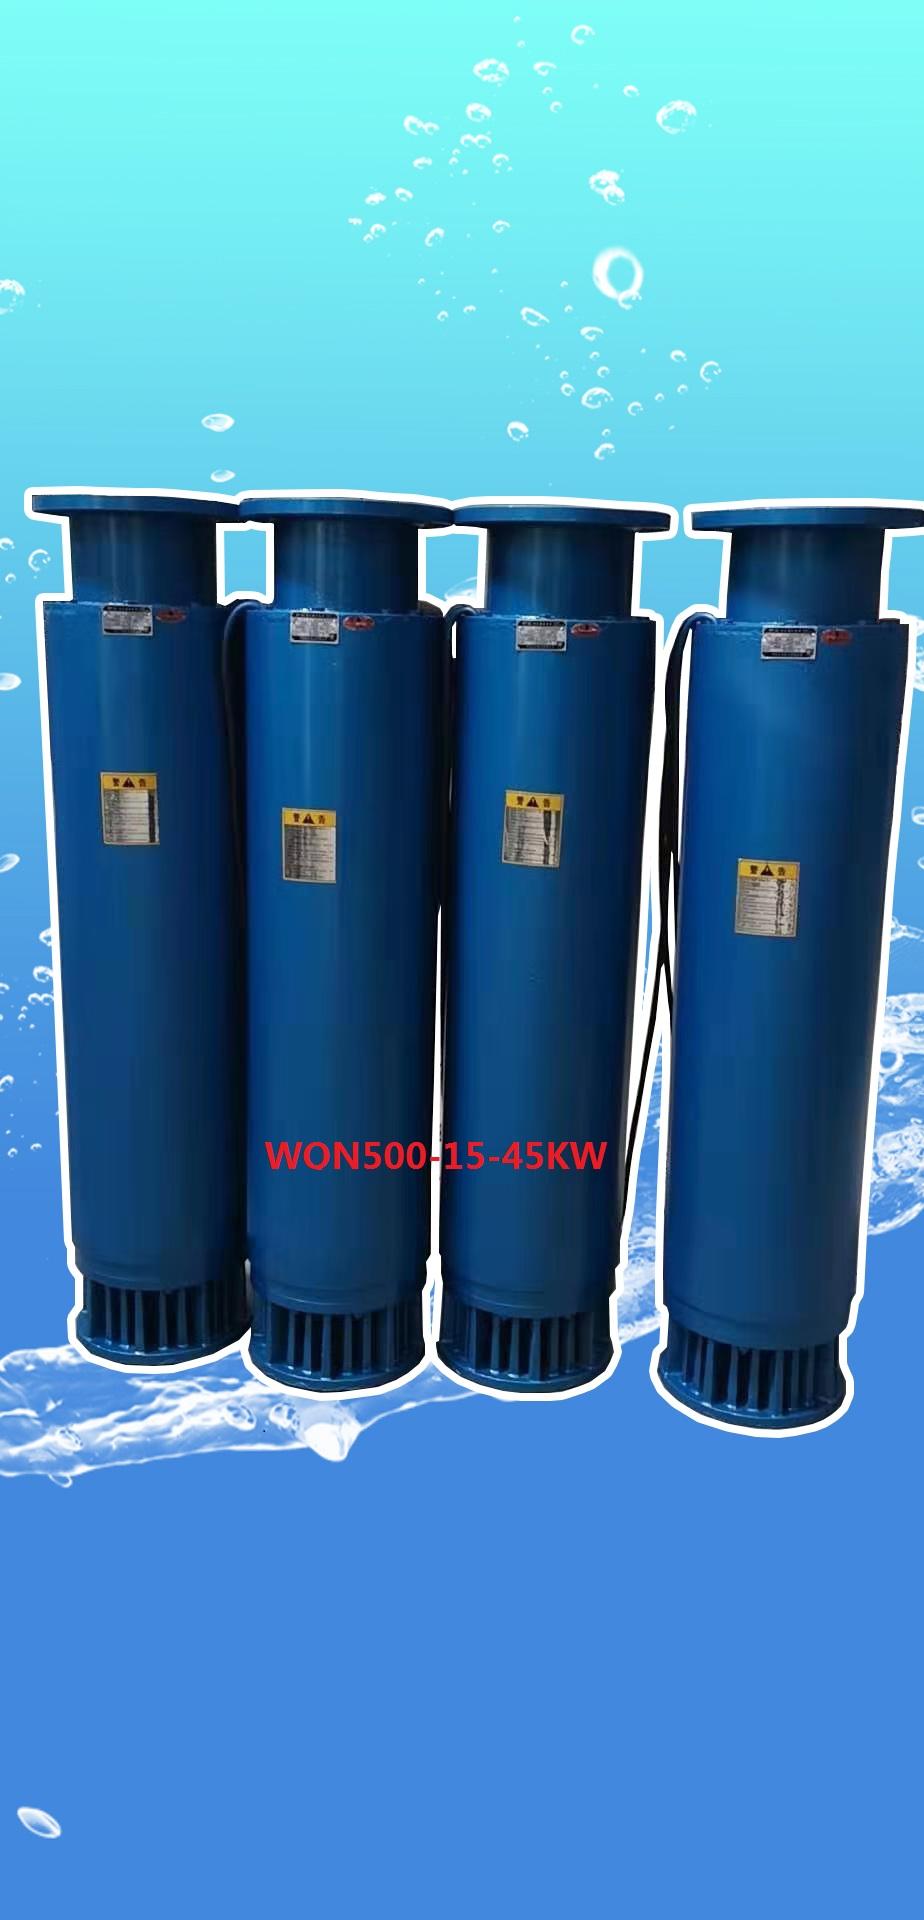 WQN500-15-45KW